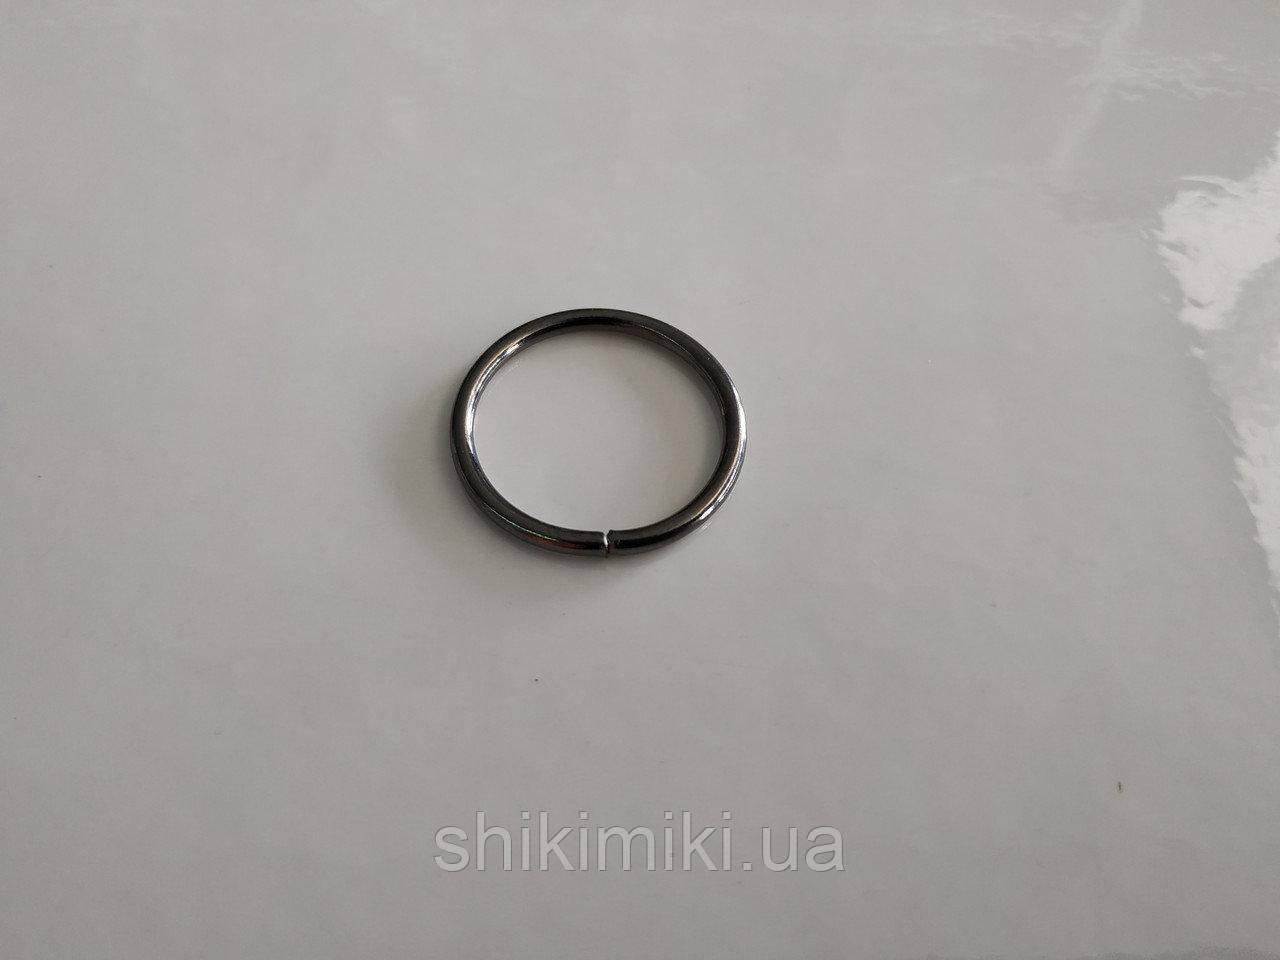 Кольца соединительные маленькие KL14-2 (15 мм), цвет черный никель